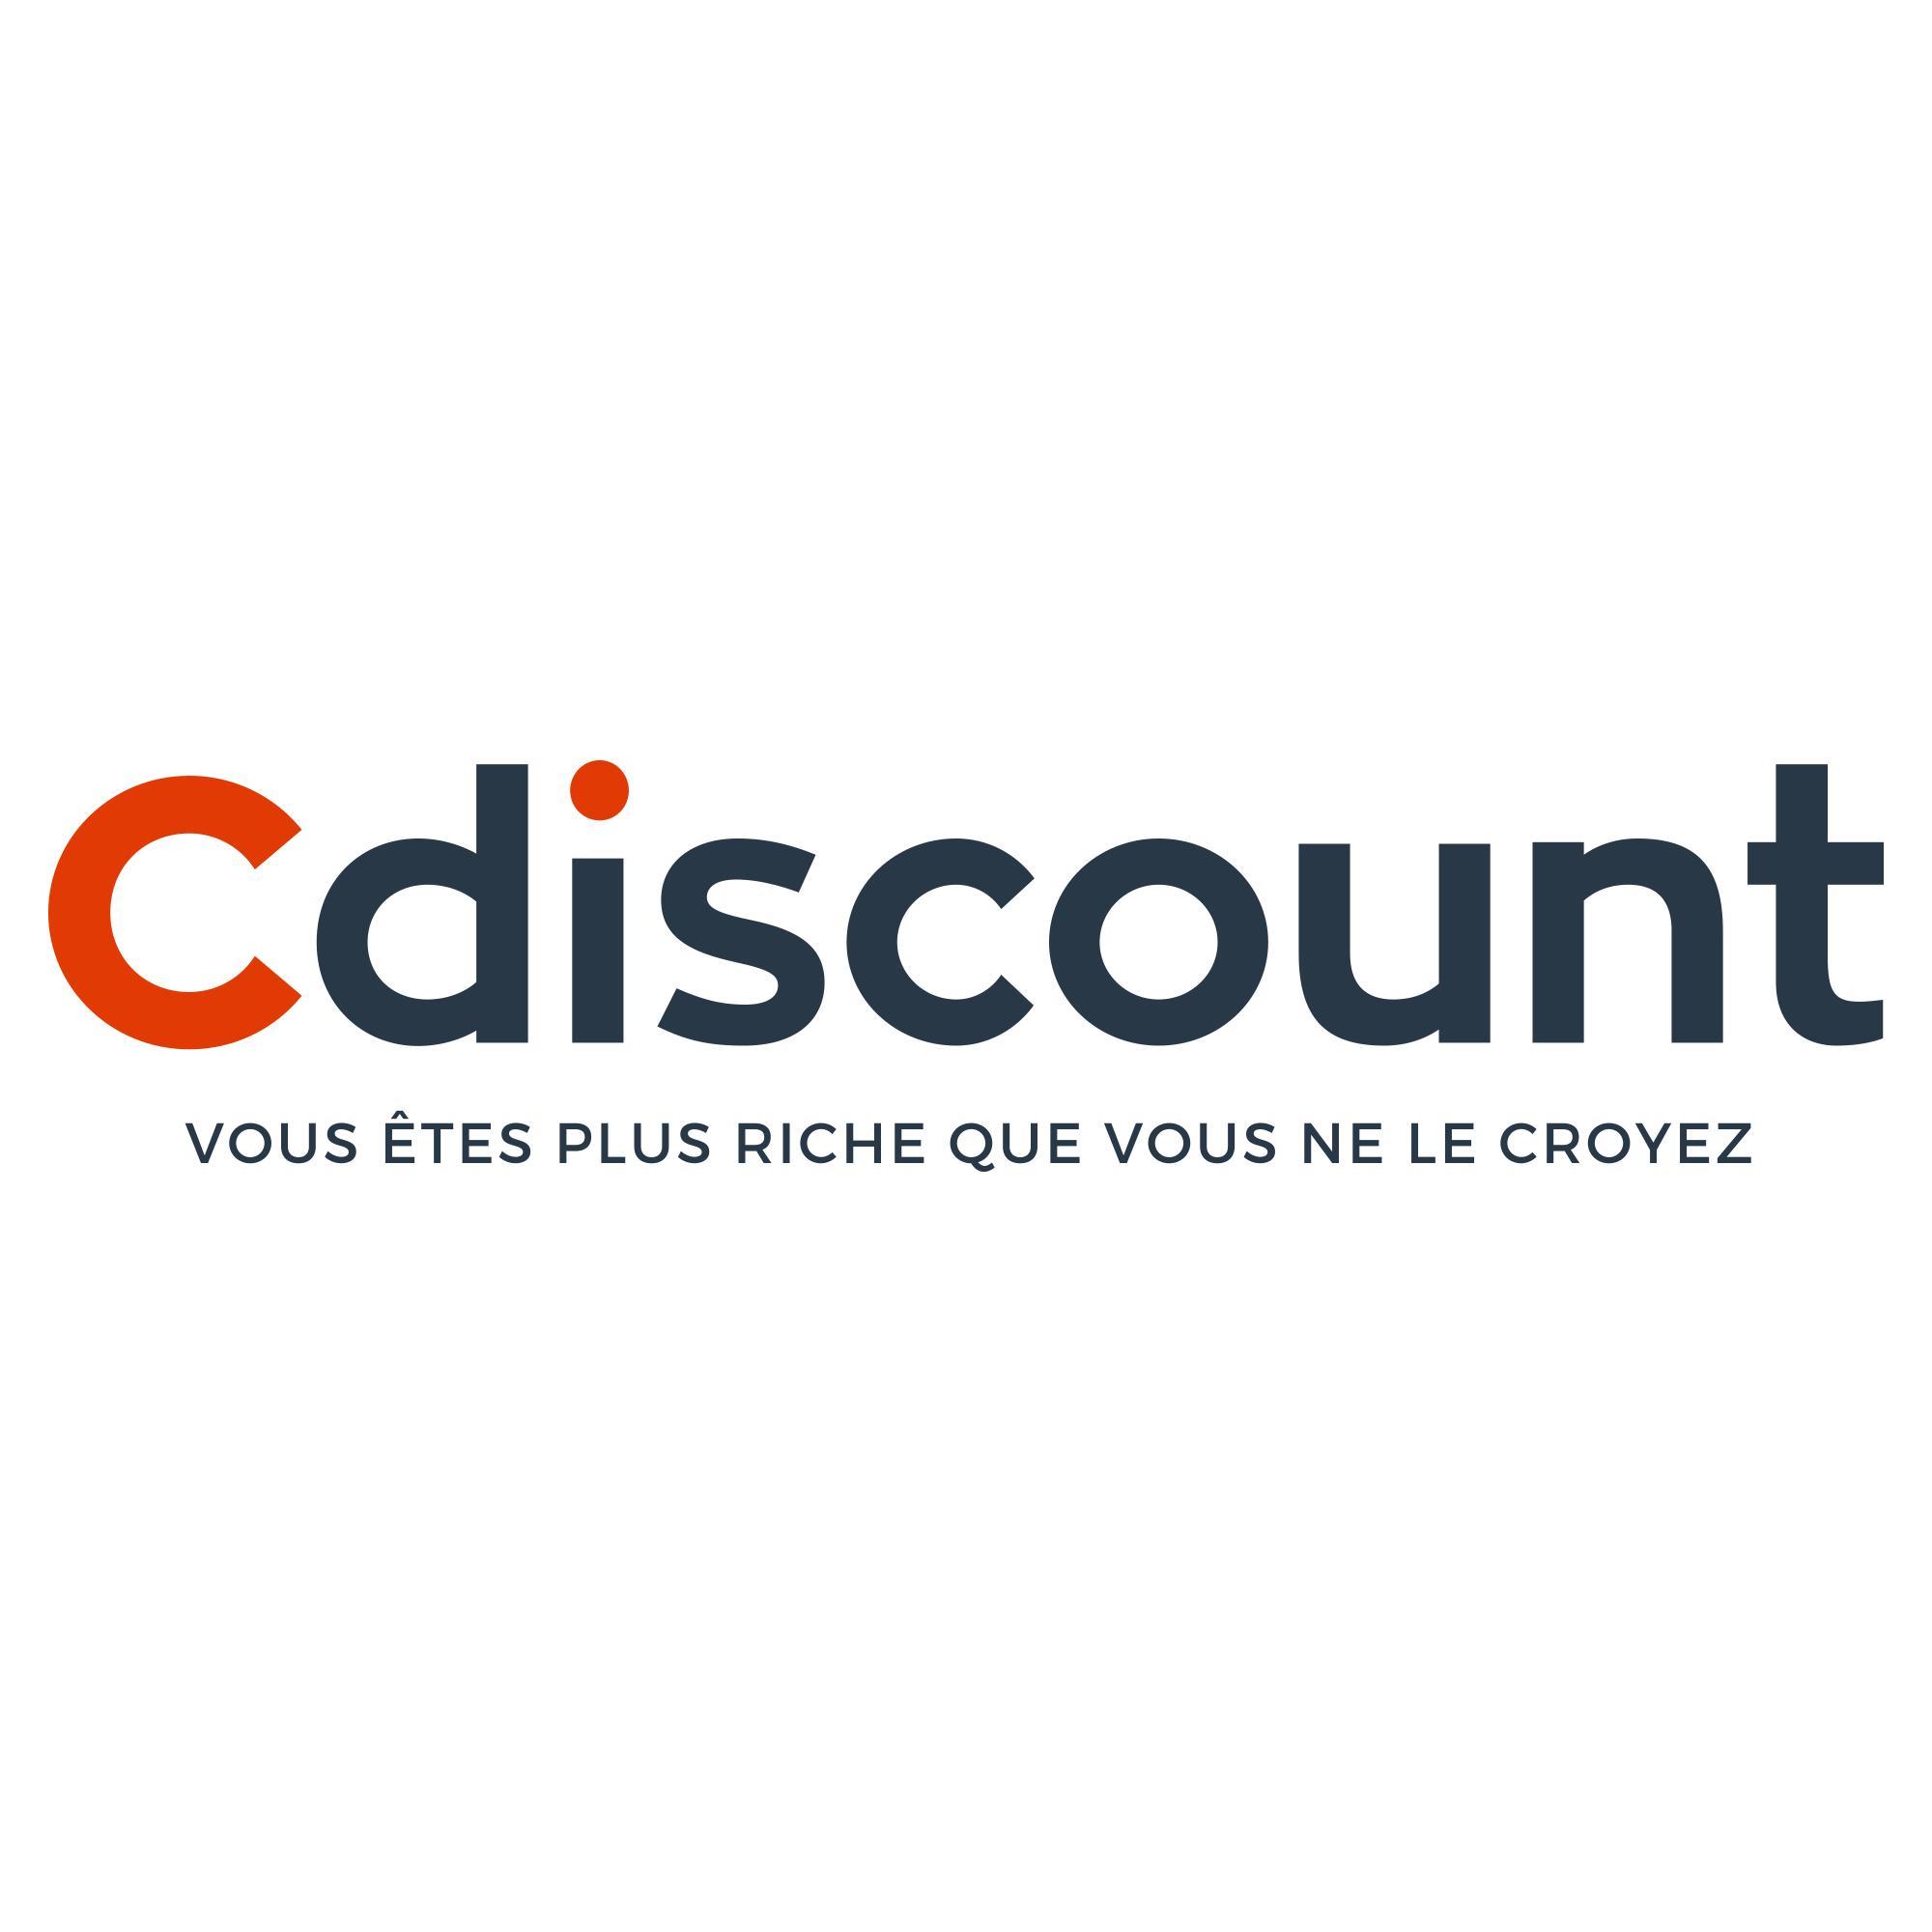 15€ de réduction dès 149€ d'achat sur tout le site (via les applications mobiles)